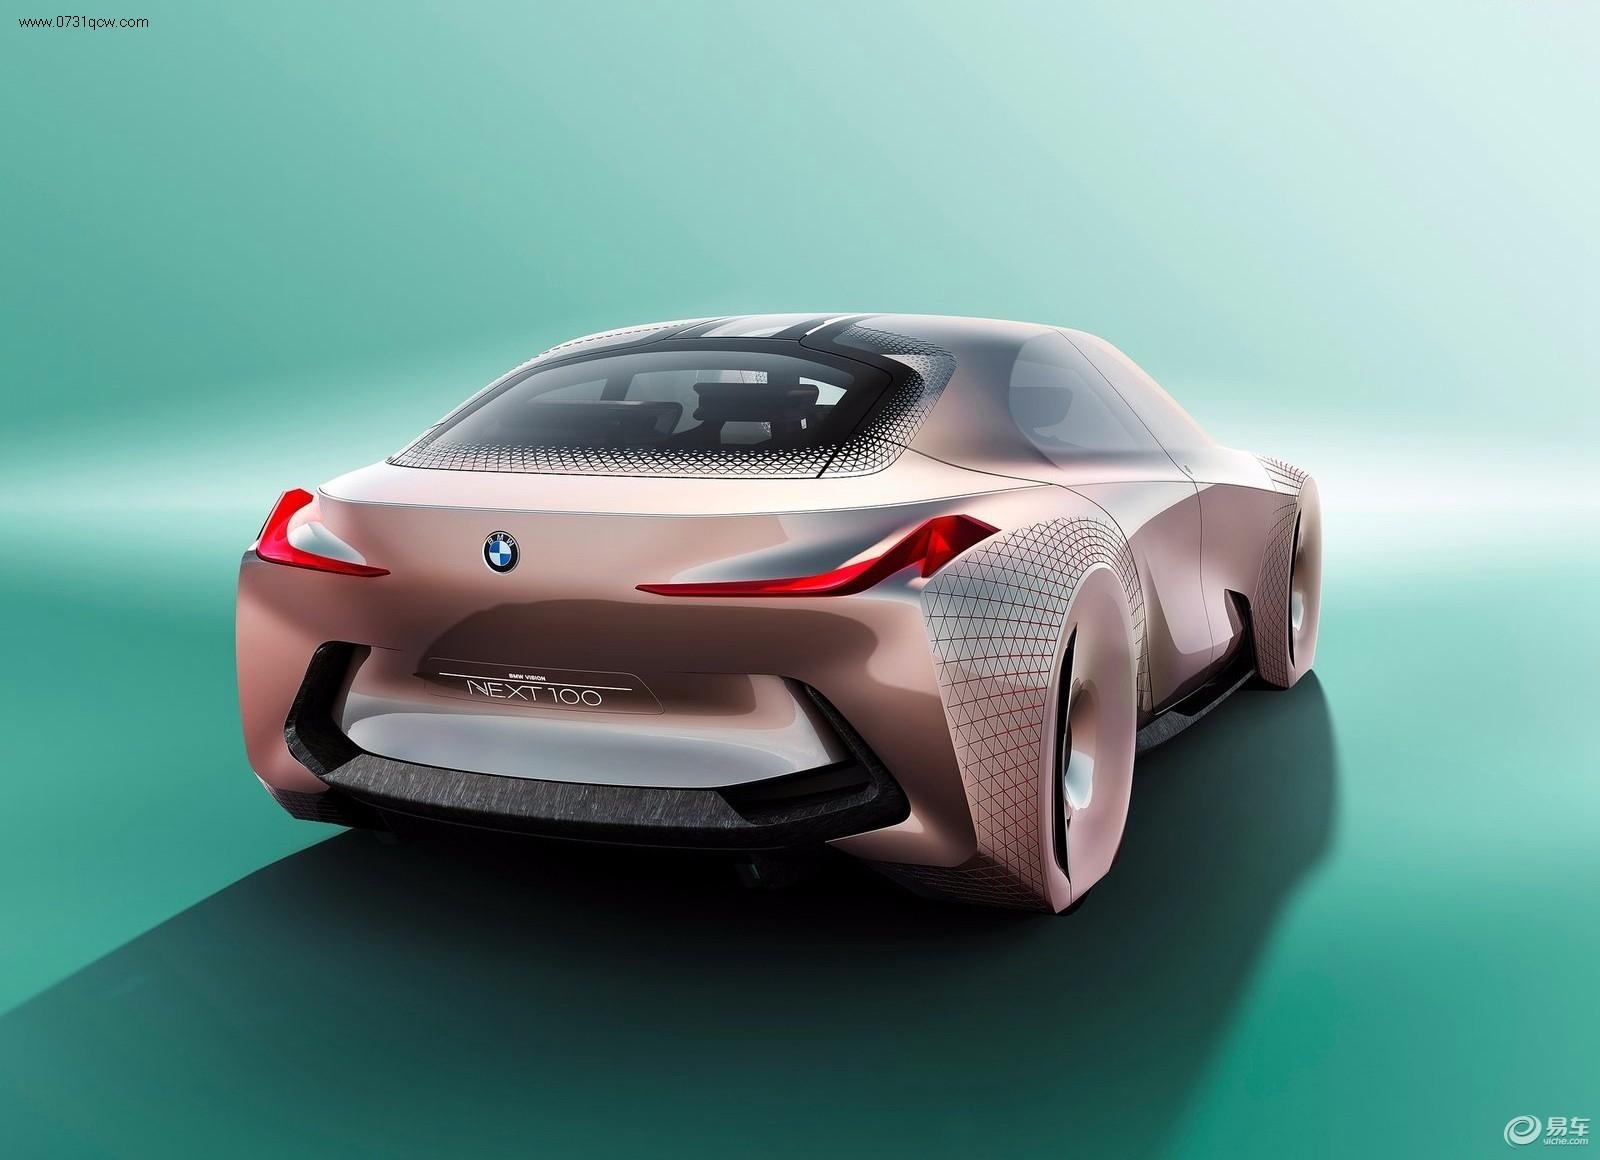 2015年3月7日,宝马集团百年庆典在慕尼黑举行,同时发布BMW VISION NEXT 100概念车。该车将于4月25日开幕的北京国际车展首发。   宝马相信,在不远的将来,全自动驾驶汽车将会普及,汽车对于人们来说或许将会变成轮子上的机器。汽车最终会被沦为人类的运输工具吗?VISION NEXT 100的设计初衷,就是要探索未来百年宝马汽车的存在意义。  VISION NEXT 100的诞生,构建于四大理念之上:以驾驶者为中心、人工智能与感知技术合二为一、创新材料带来的机遇,以及将延续下去的愉悦移动体验